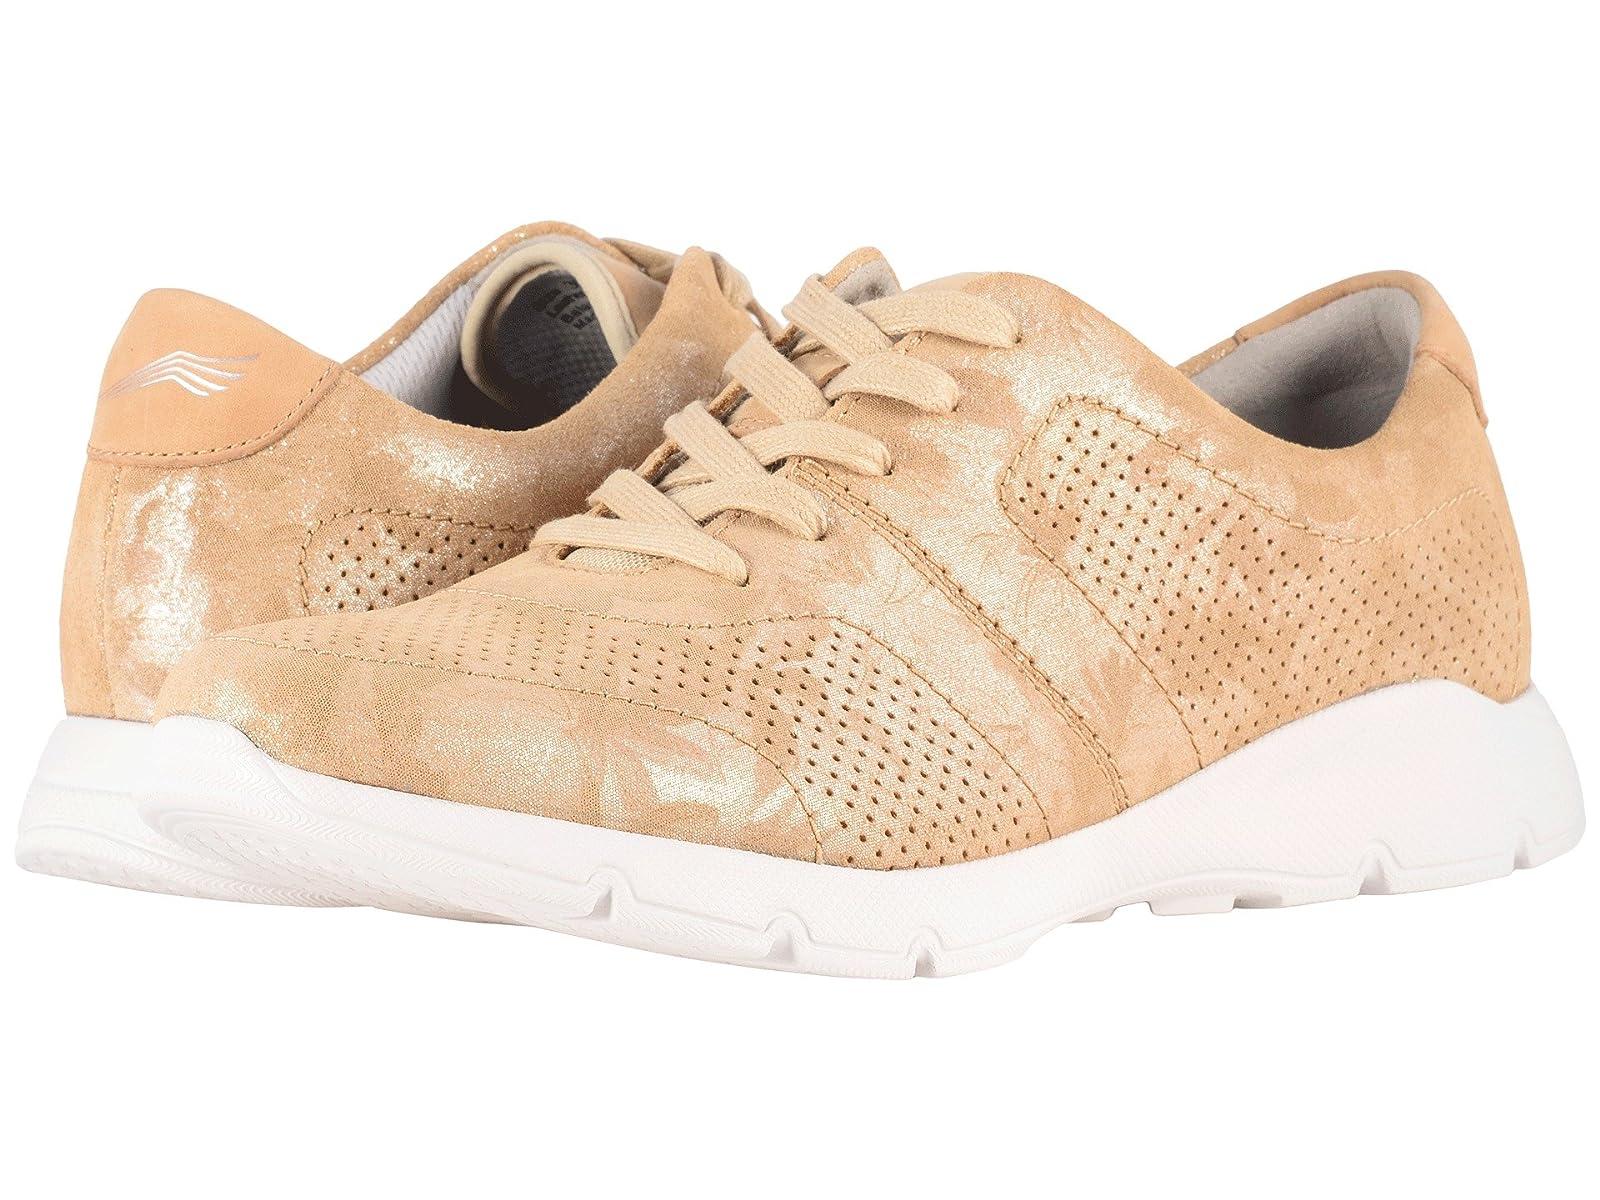 Dansko AlissaAtmospheric grades have affordable shoes